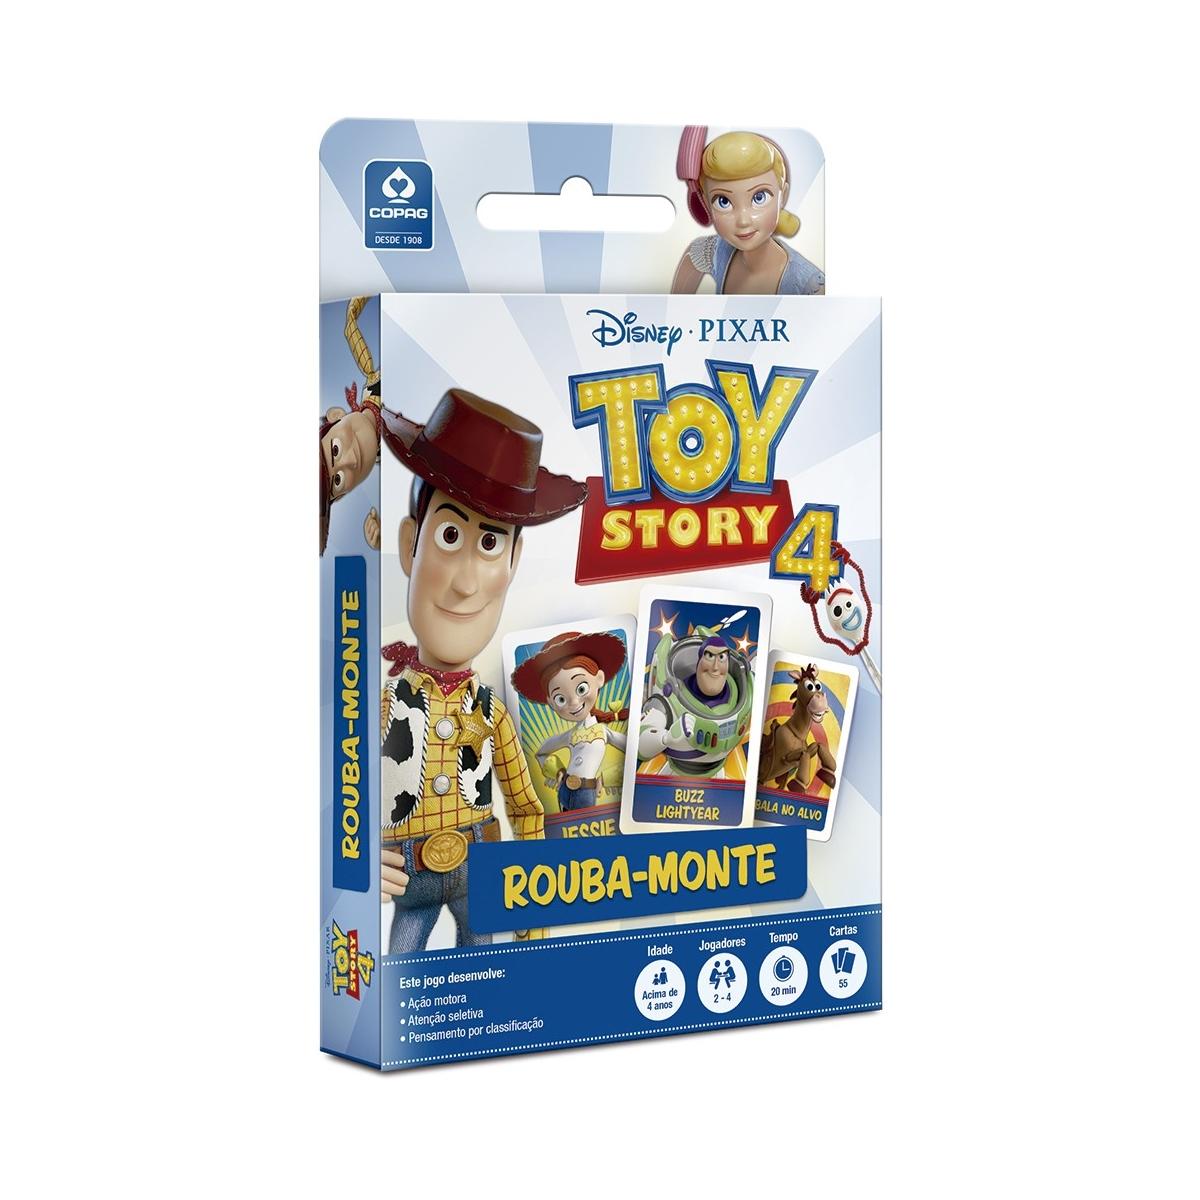 jogo-de-cartas-toy-story-4-rouba-monte-copag-imagem-1.jpg